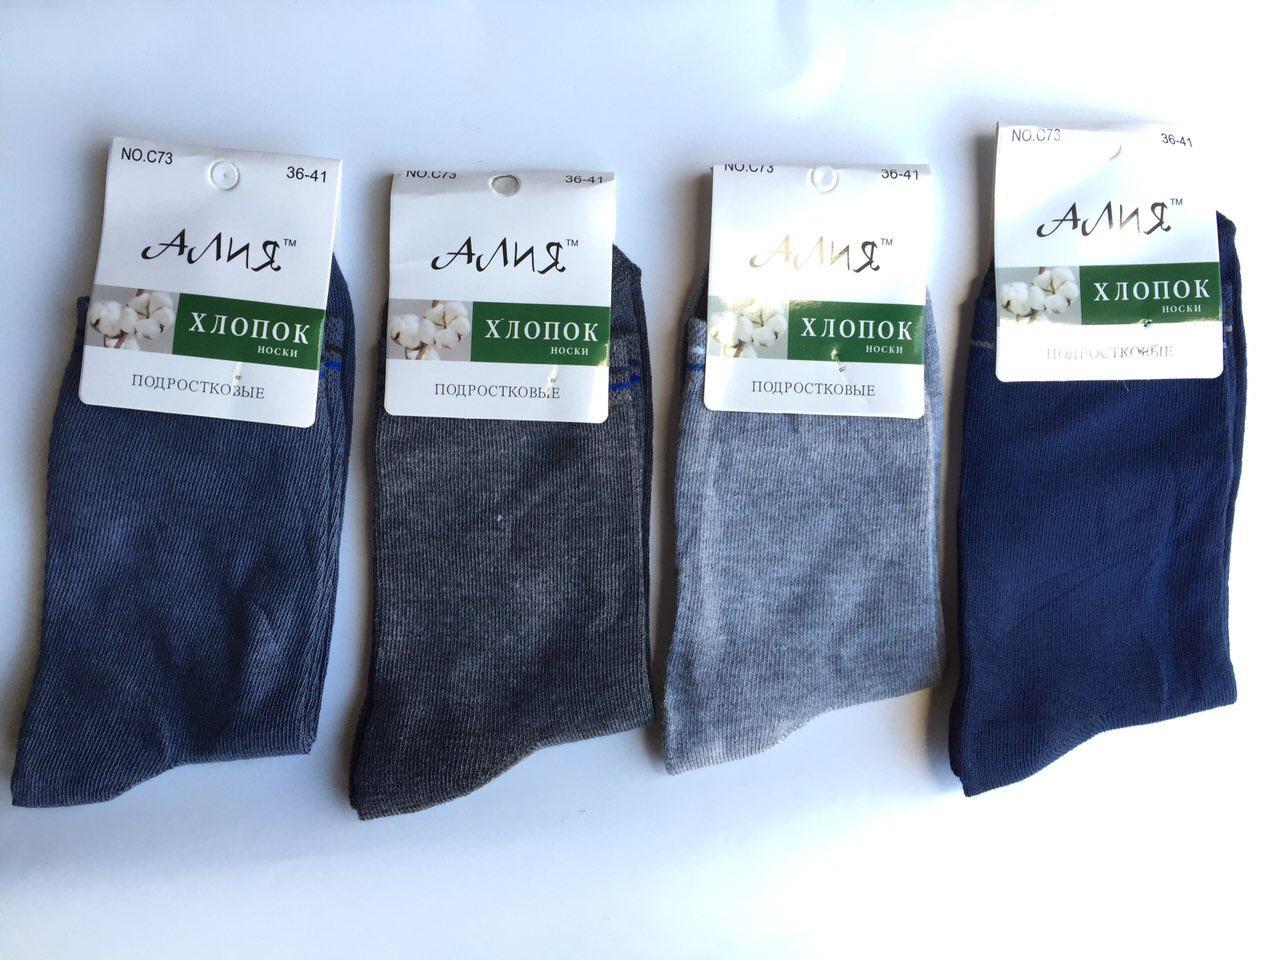 Подросковые носки Алия хлопок Р.р 36-41